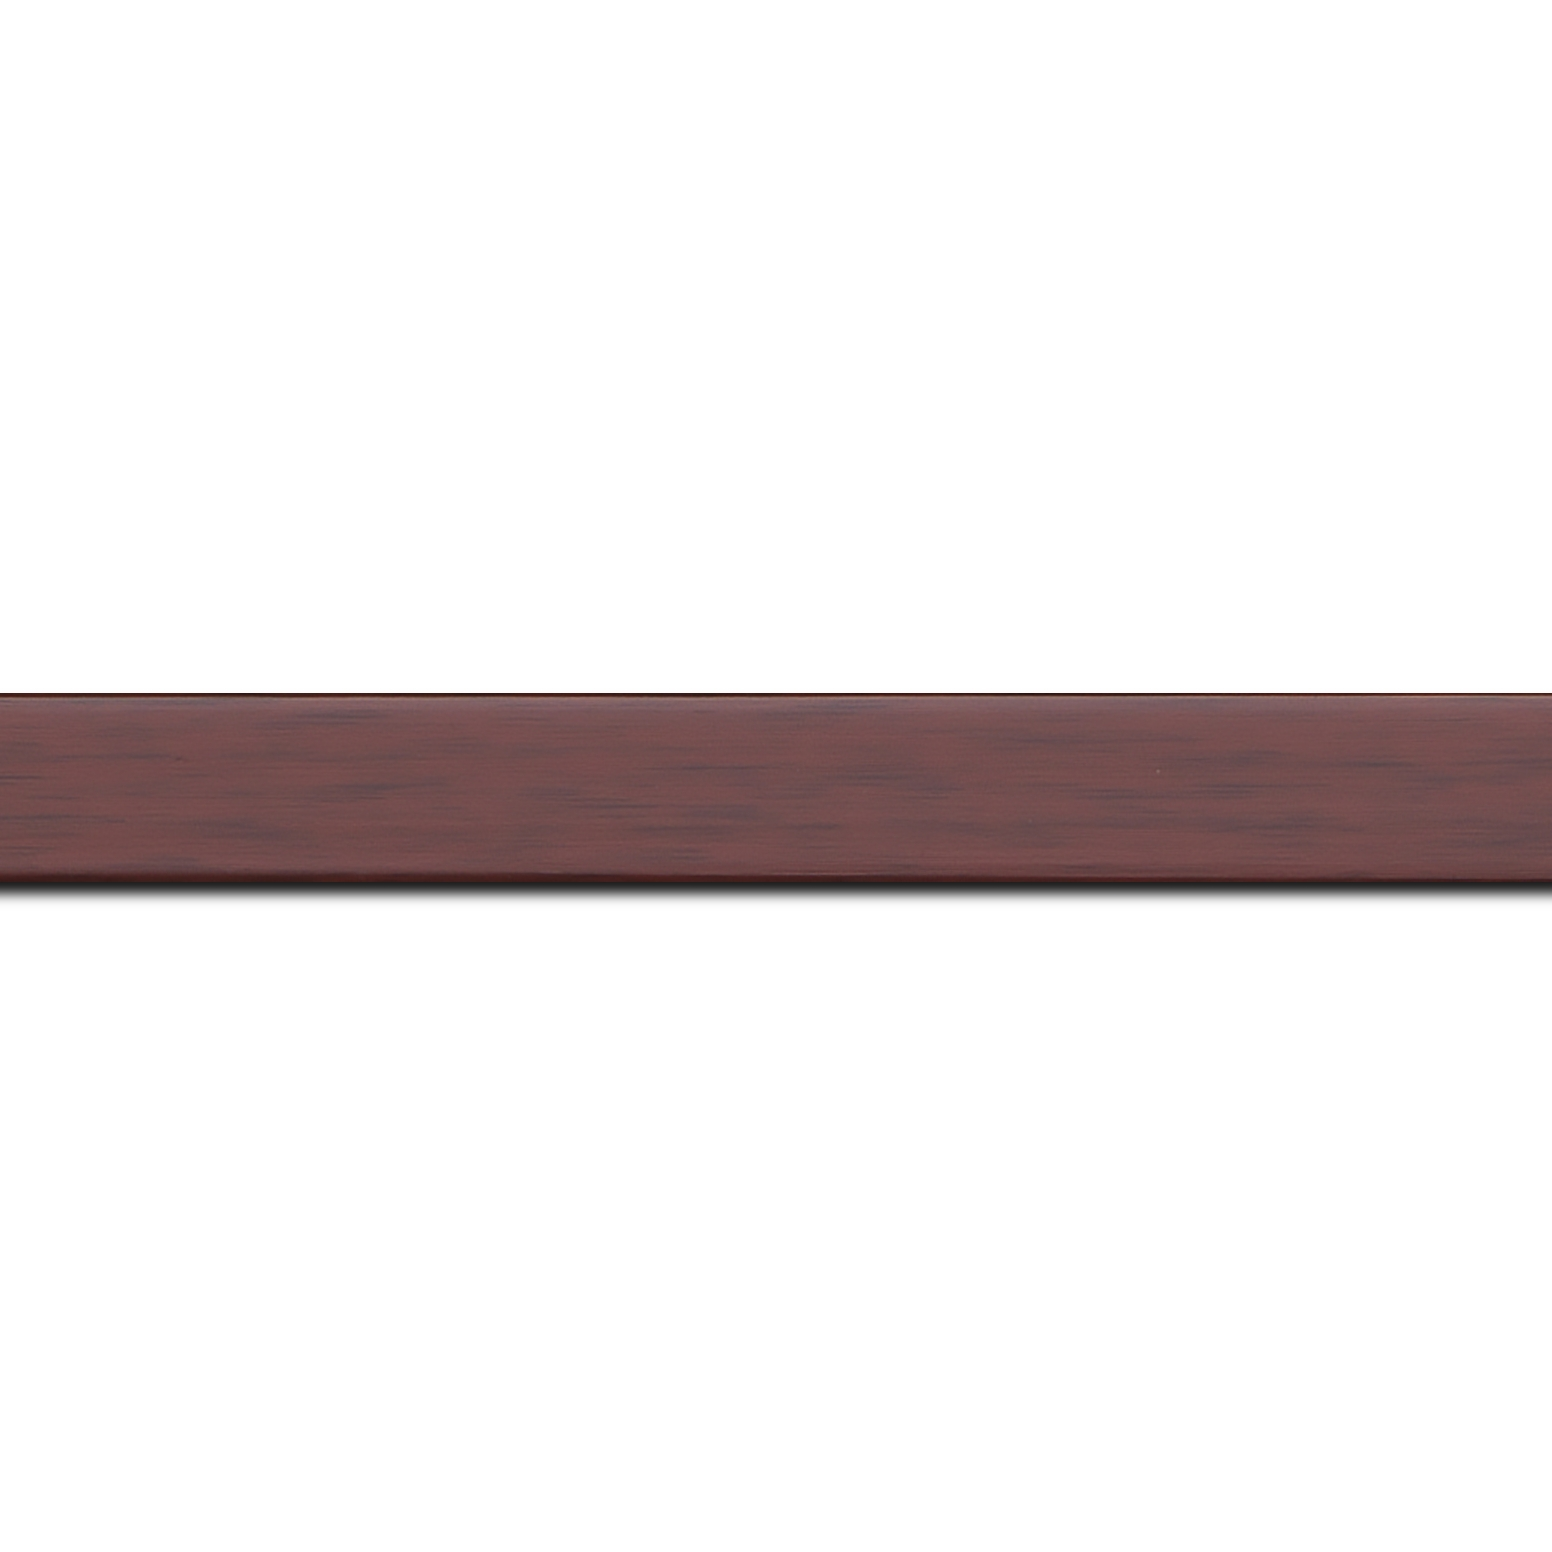 Pack par 12m, bois profil plat effet cube largeur 2cm couleur ton bois bordeaux(longueur baguette pouvant varier entre 2.40m et 3m selon arrivage des bois)